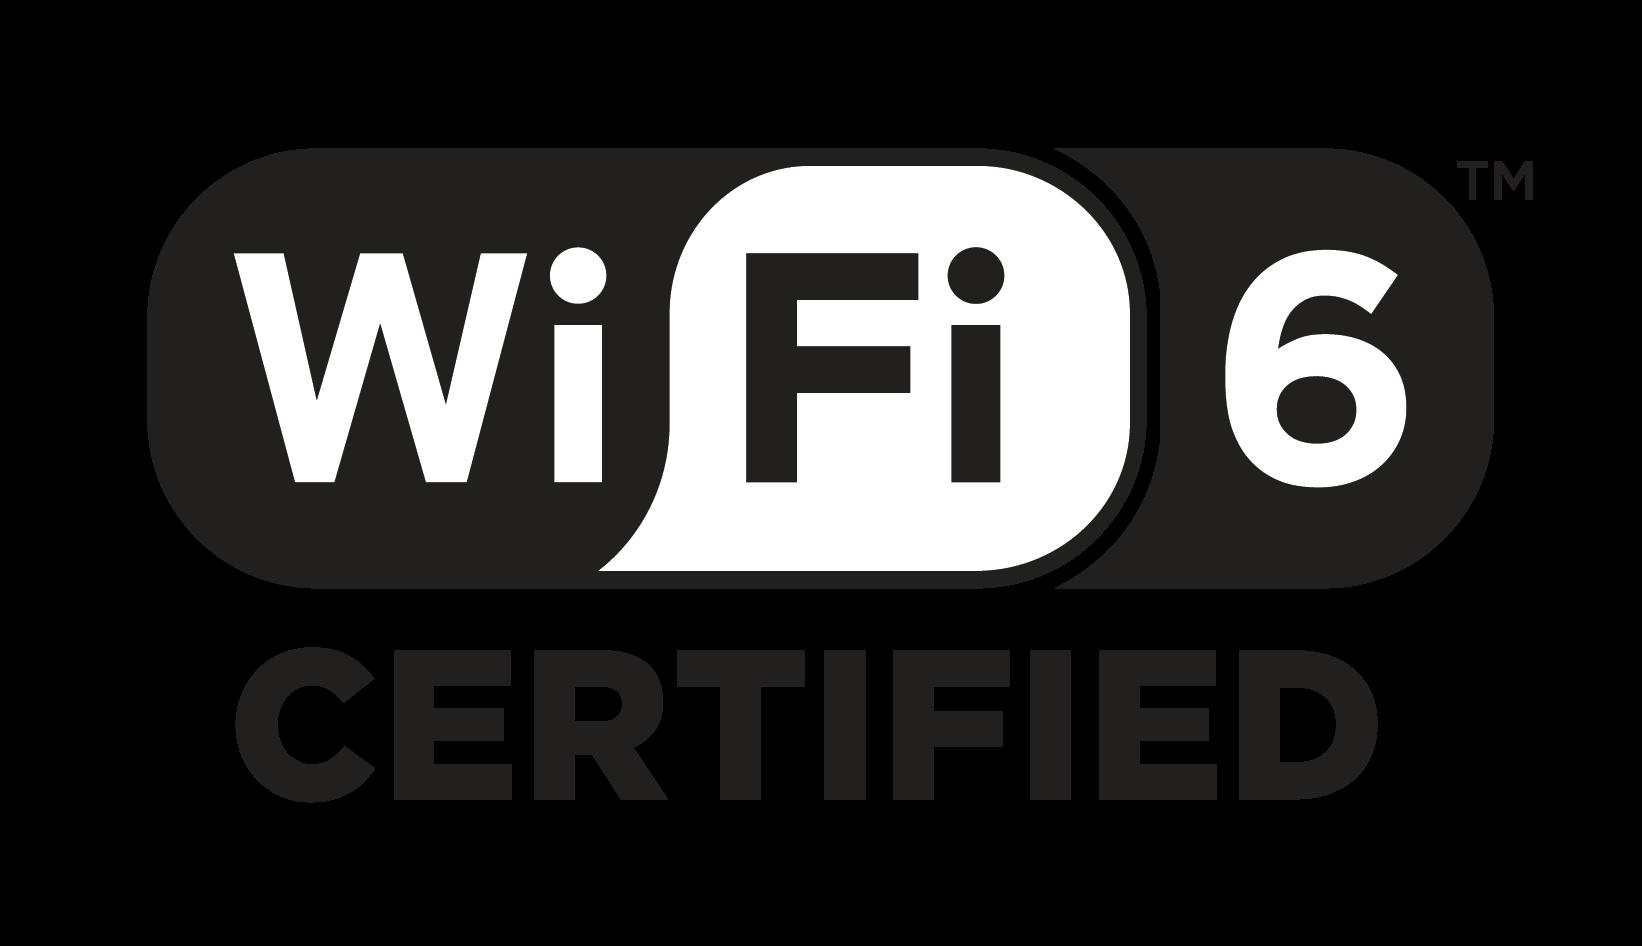 Программа сертификации Wi-Fi 6 стартует, так как работает более быстрый Wi-Fi